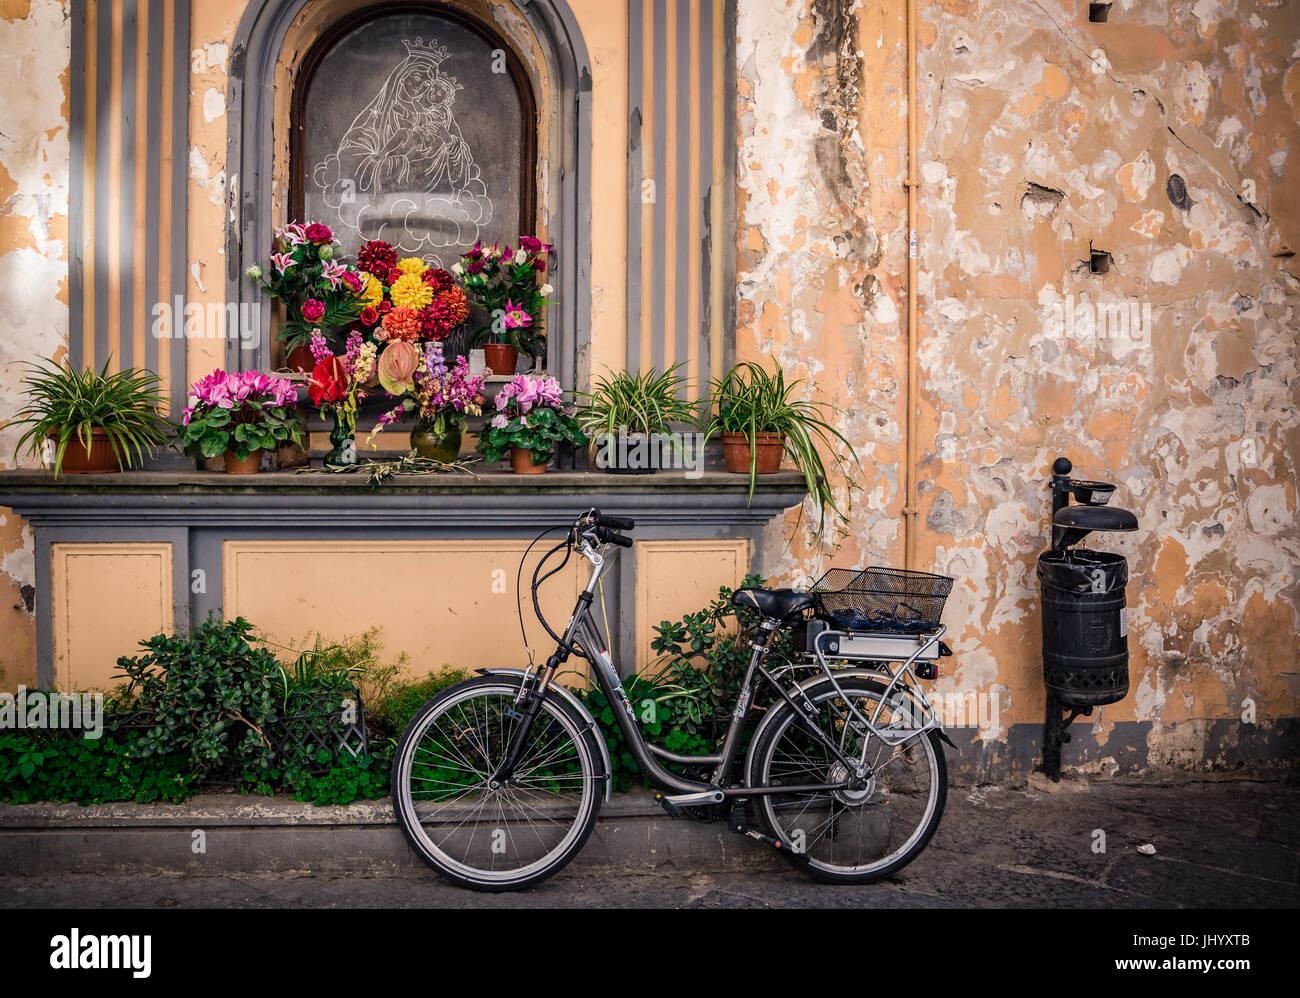 Bicicleta Y Rustik Pared Con Muchas Flores Y Dibujo De Virgen María